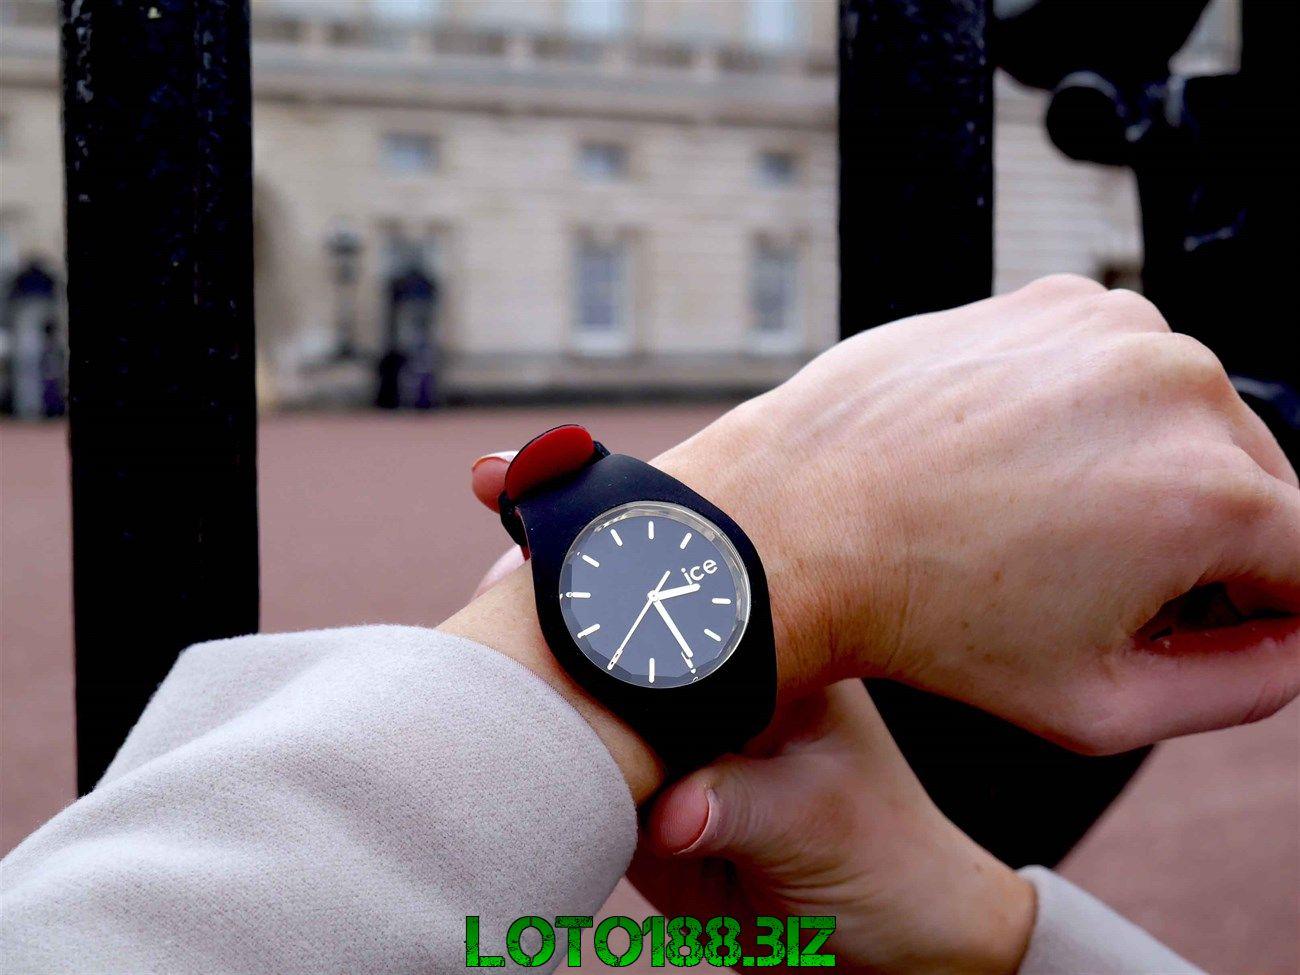 Mộng thấy đồng hồ có điềm báo gì? Là tốt hay xấu